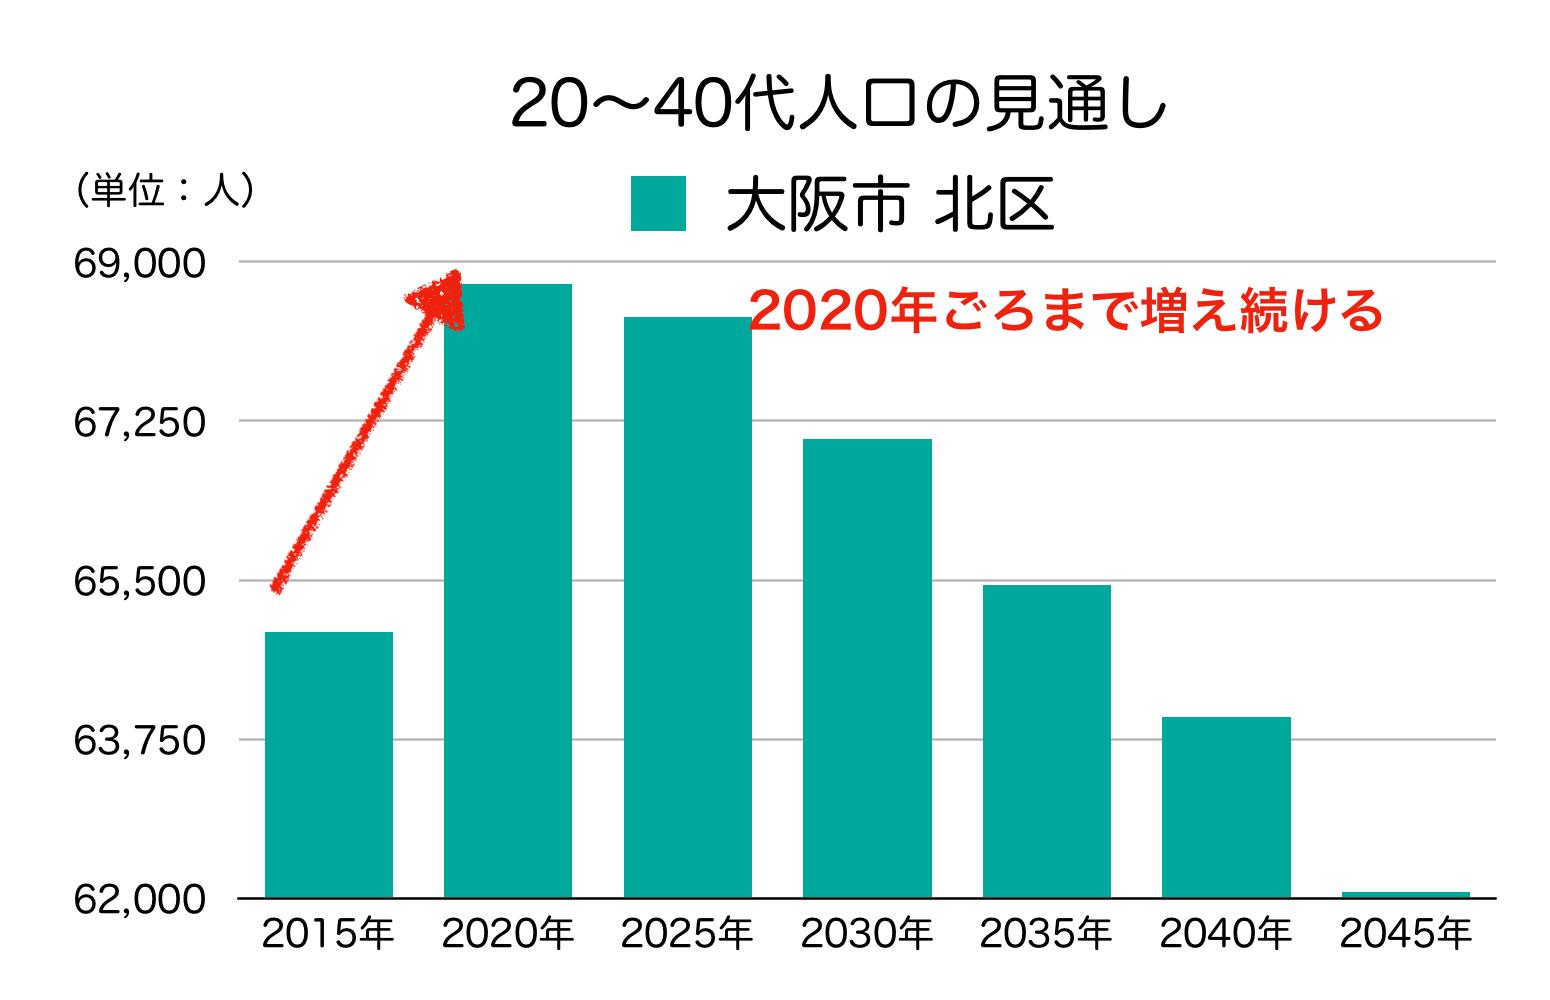 大阪市北区の20〜40代人口の予測